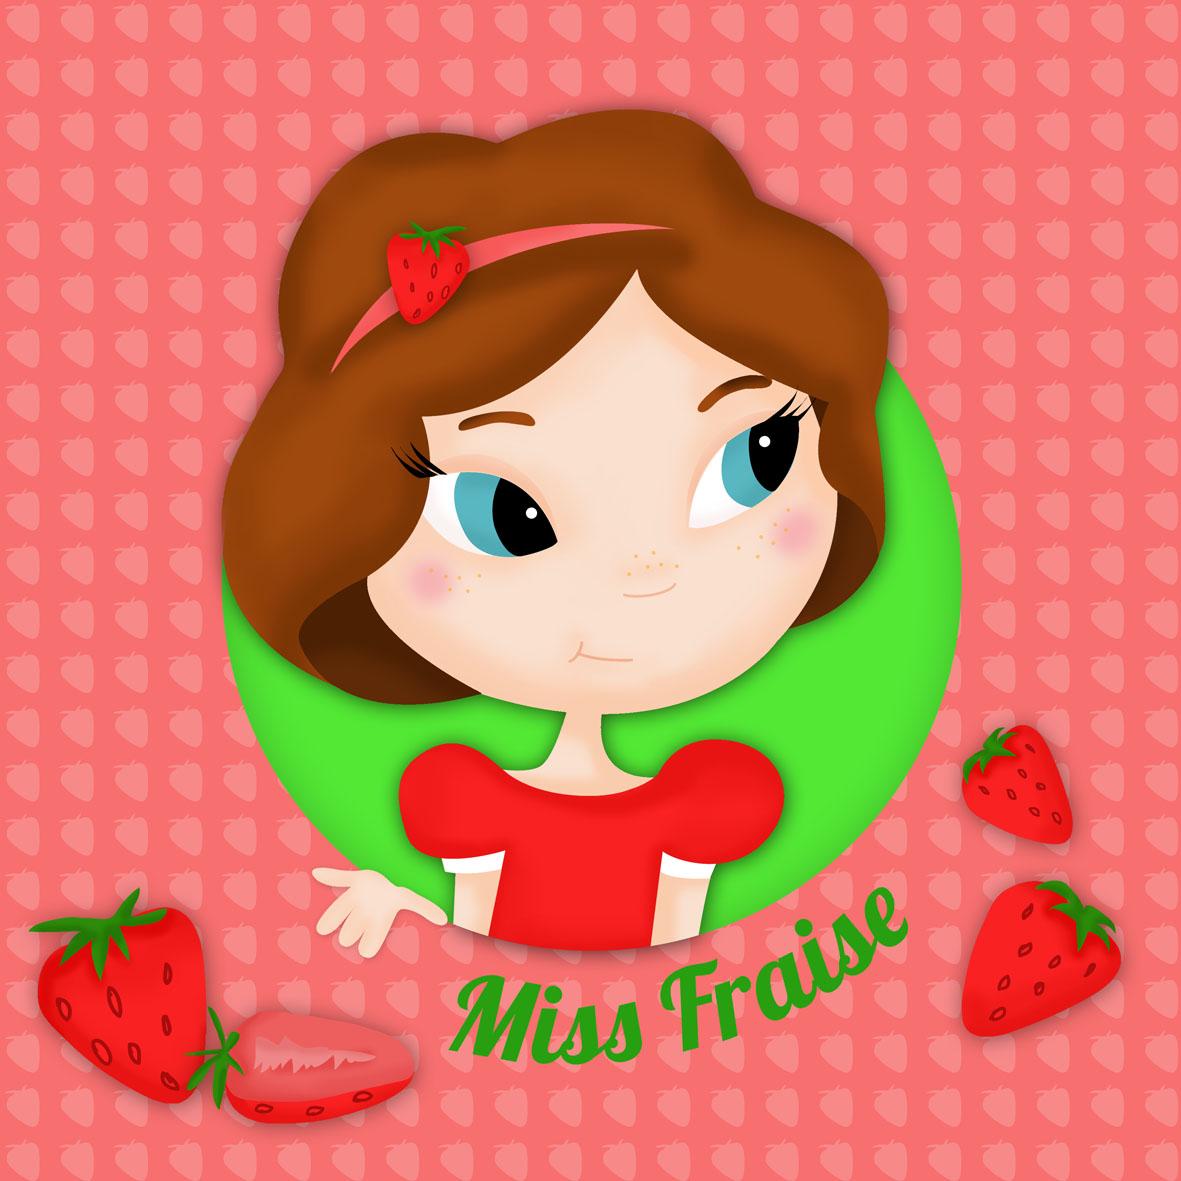 miss_fraise